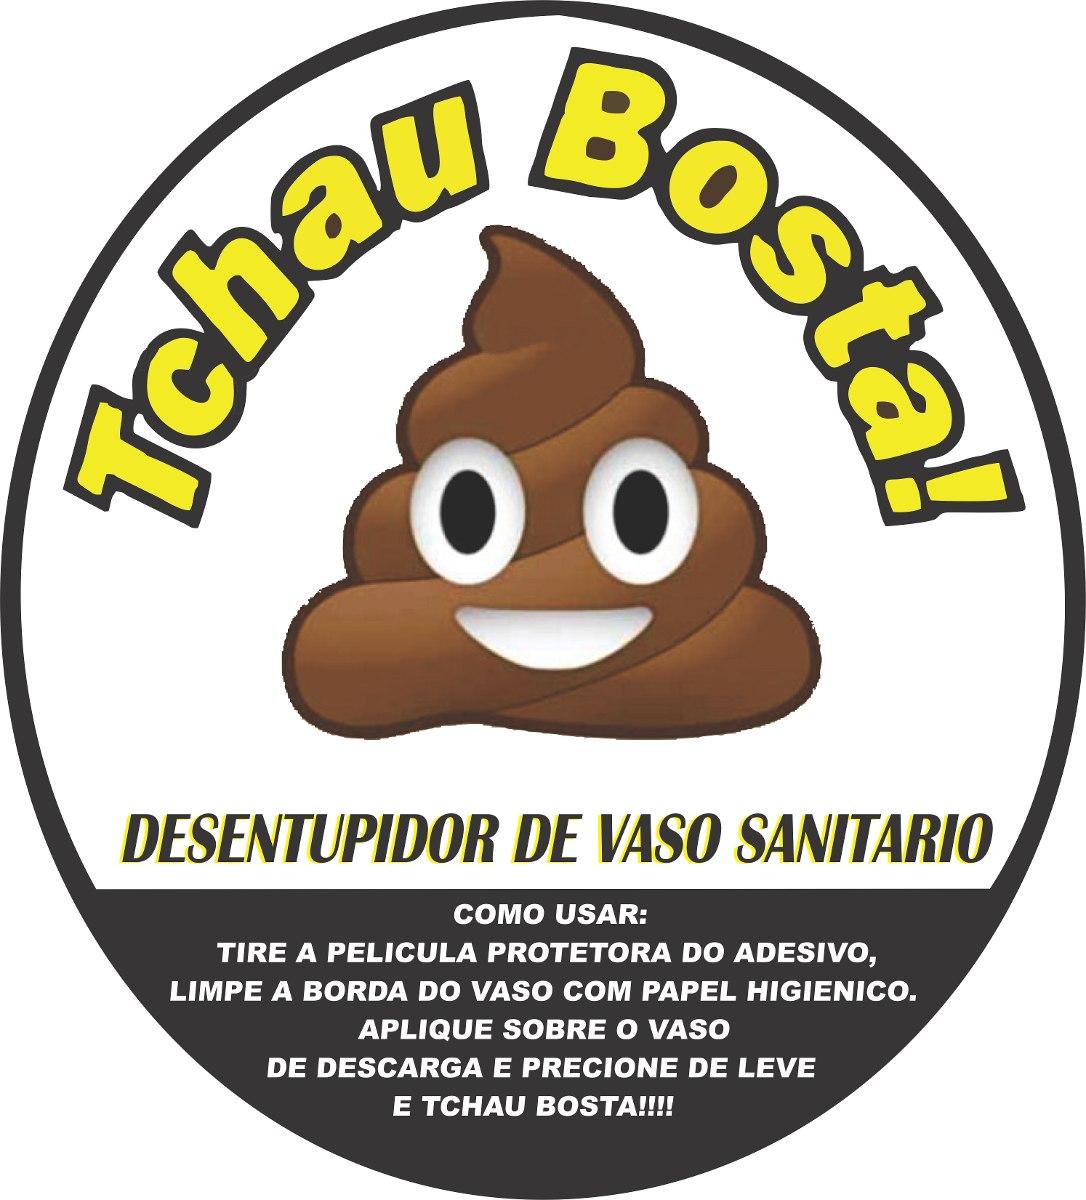 Artesanato De Valença Bahia ~ Adesivo Tchau Bosta Adesivo Desentupidor Vaso Sanitário